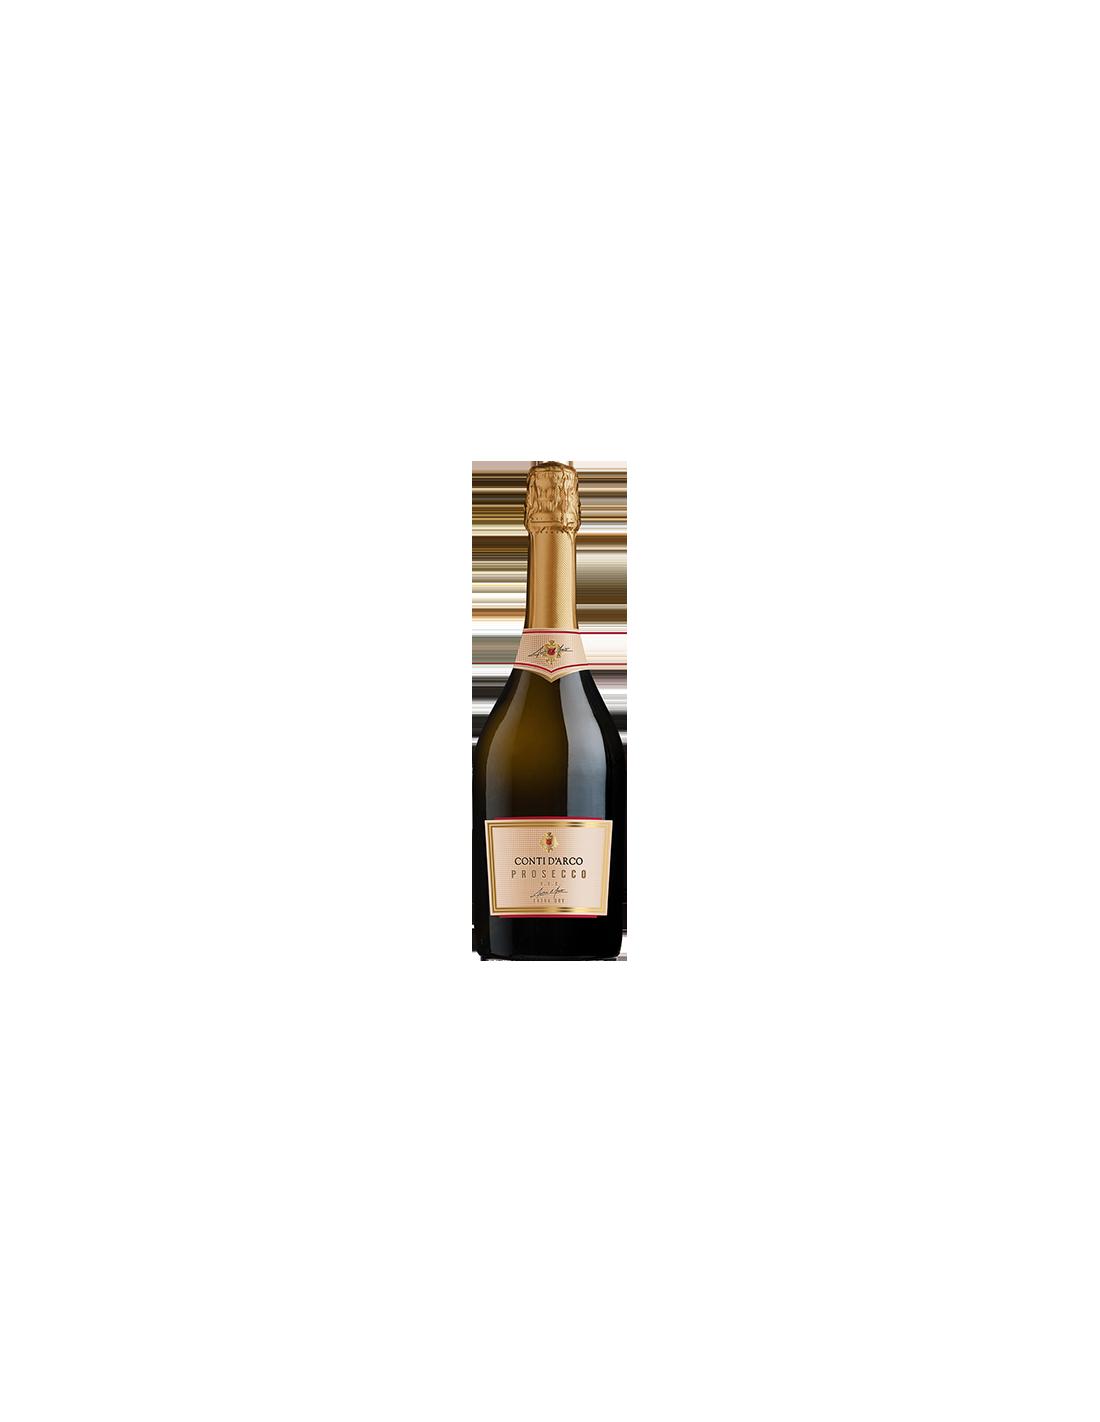 Vin prosecco extra dry Conti d'Arco, 11% alc., 0.75L, Italia